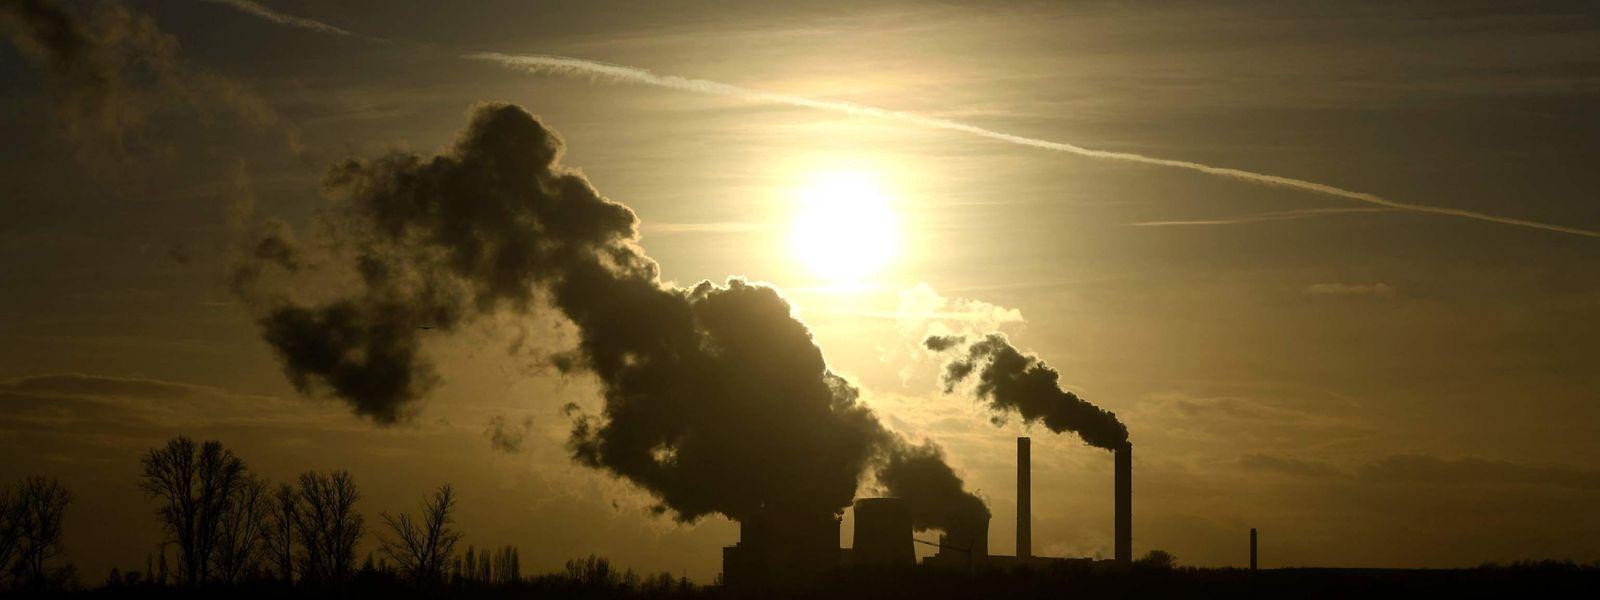 Die aktuelle Krise macht deutlich, wie abhängig unsere Wirtschaft immer noch von fossilen Energieträgern ist.